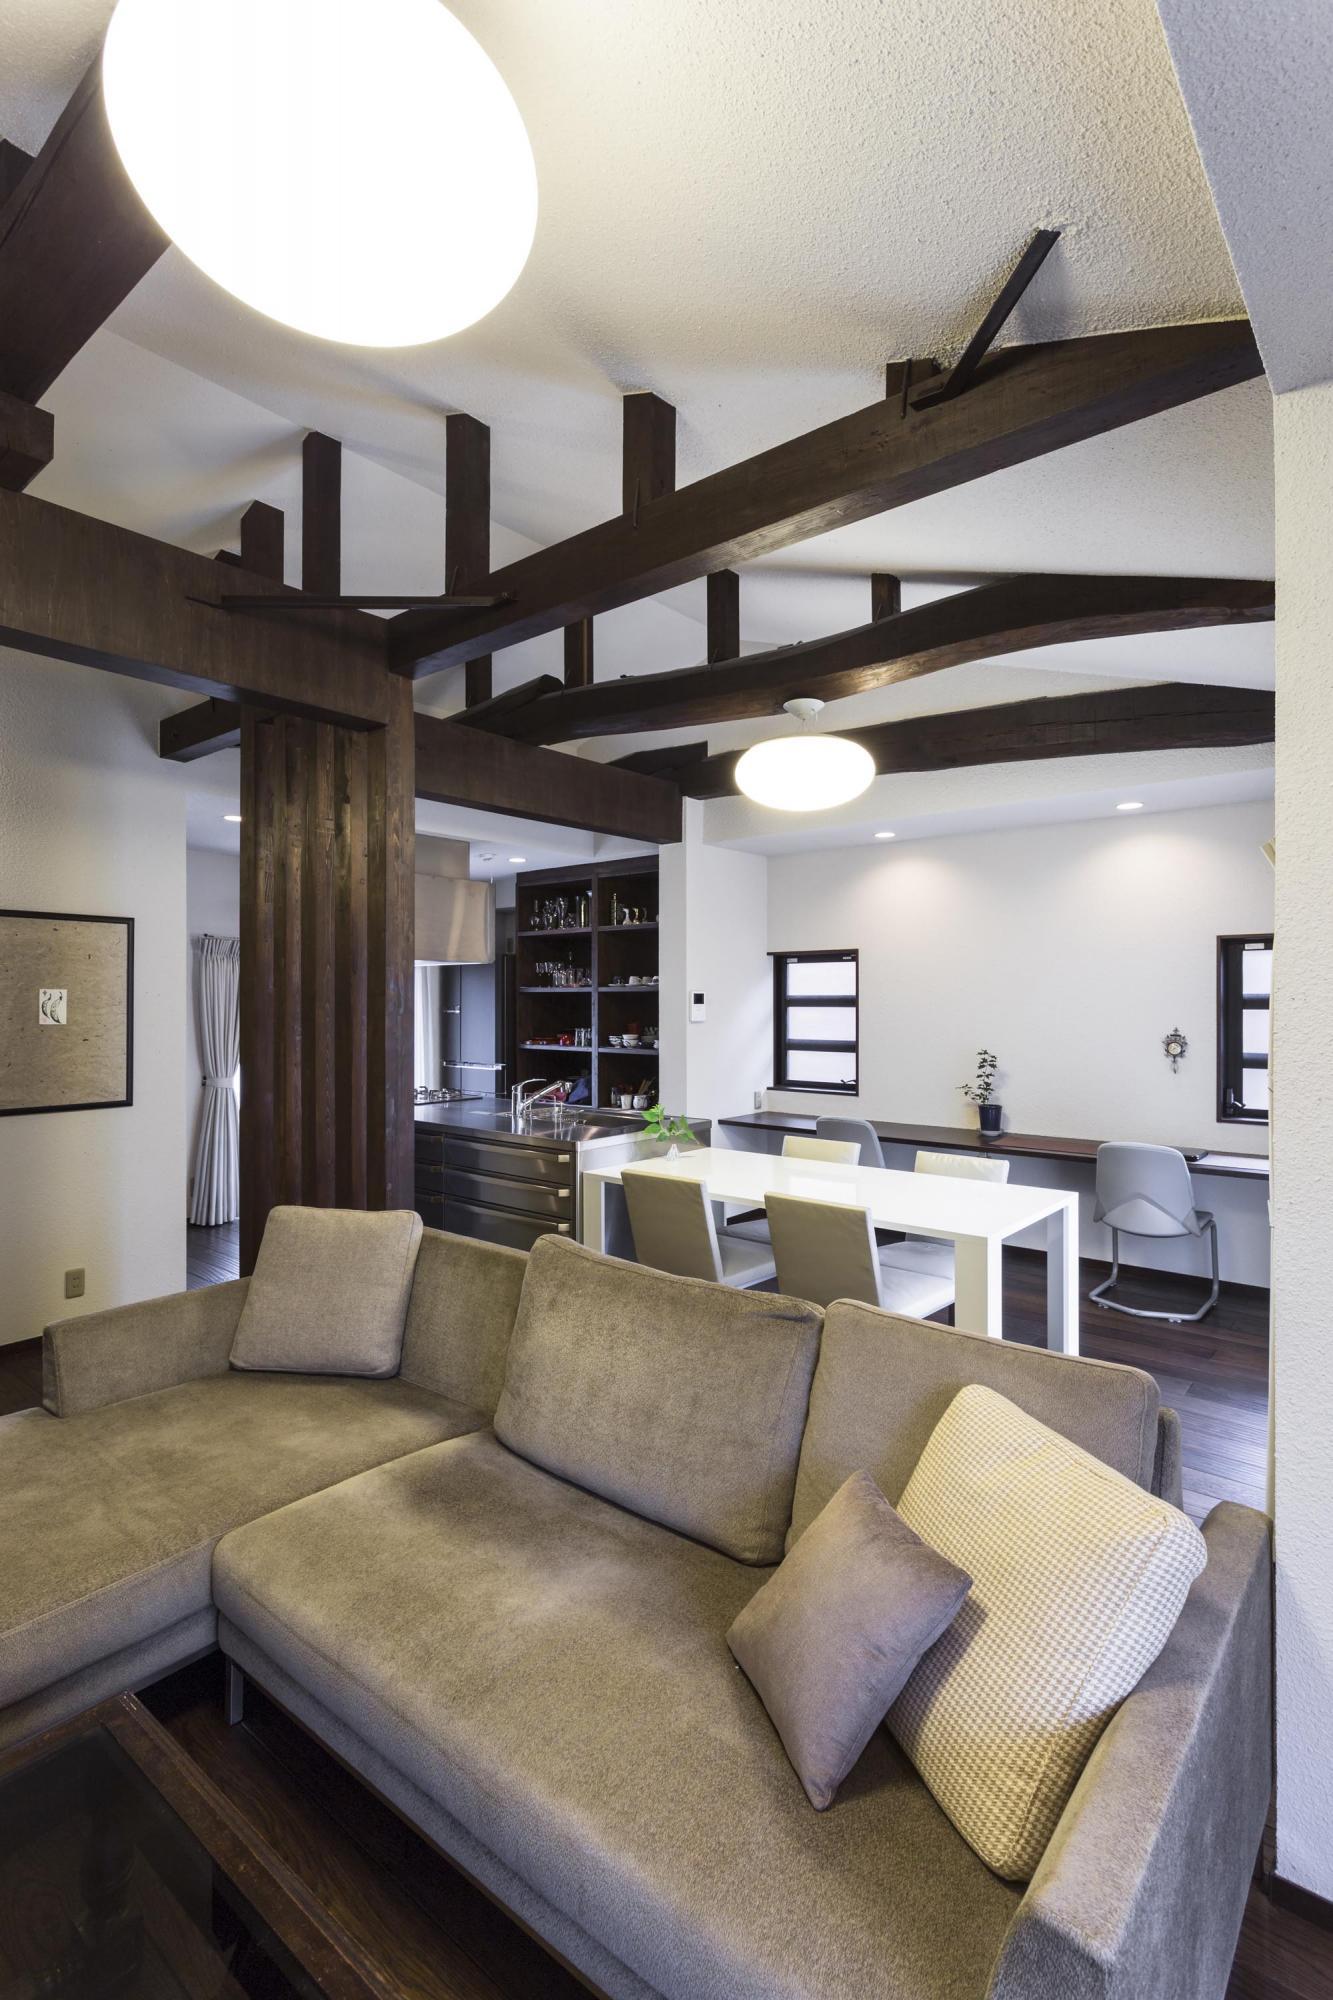 以前は洋室と和室、キッチン、浴室に分かれていた空間を大きなLDKにした。勾配天井にして空間に広がりをつくり、既存の梁を見せた。